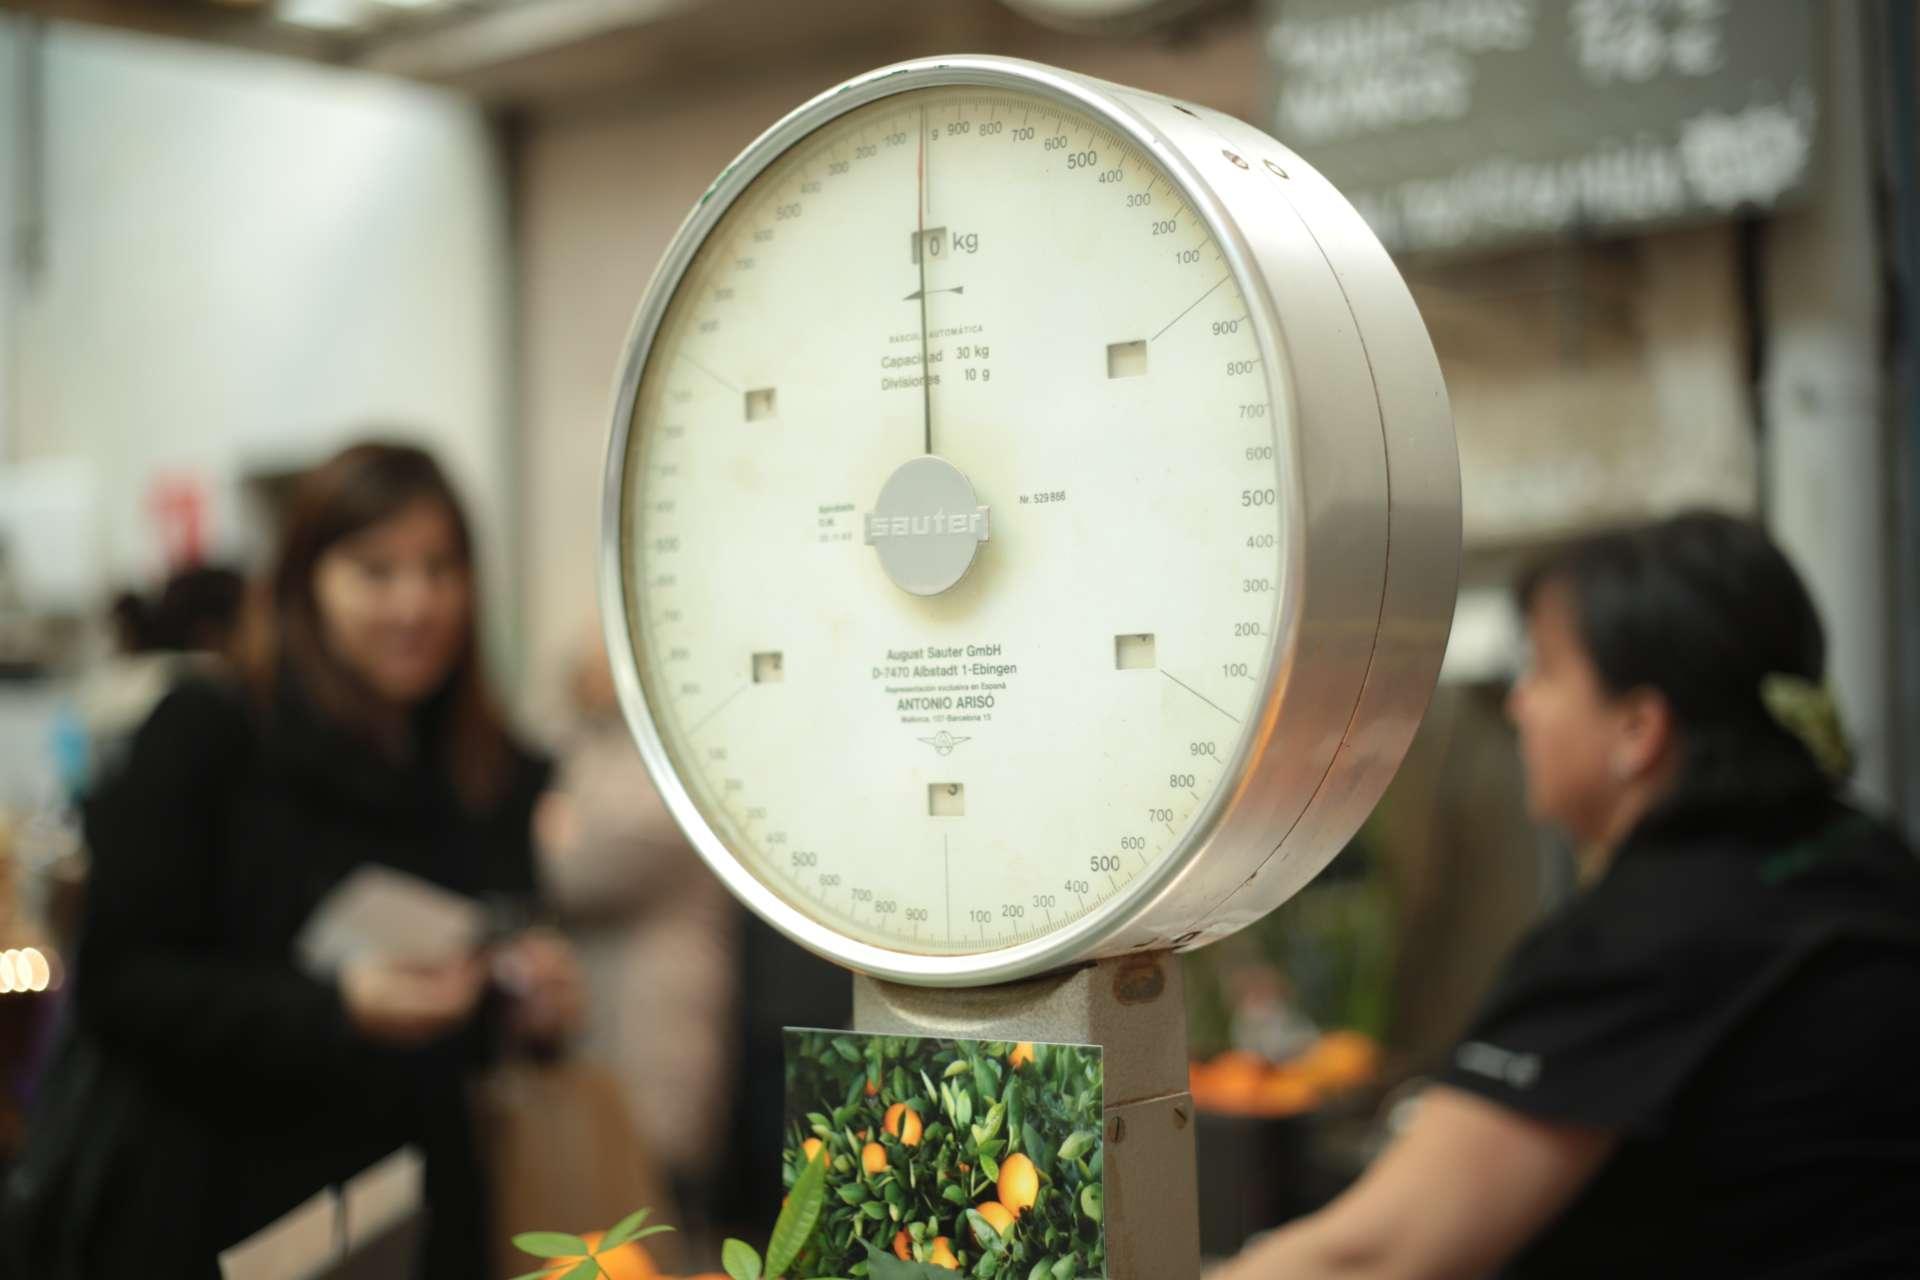 Notoriedad y engagement inclinan la balanza del consumo